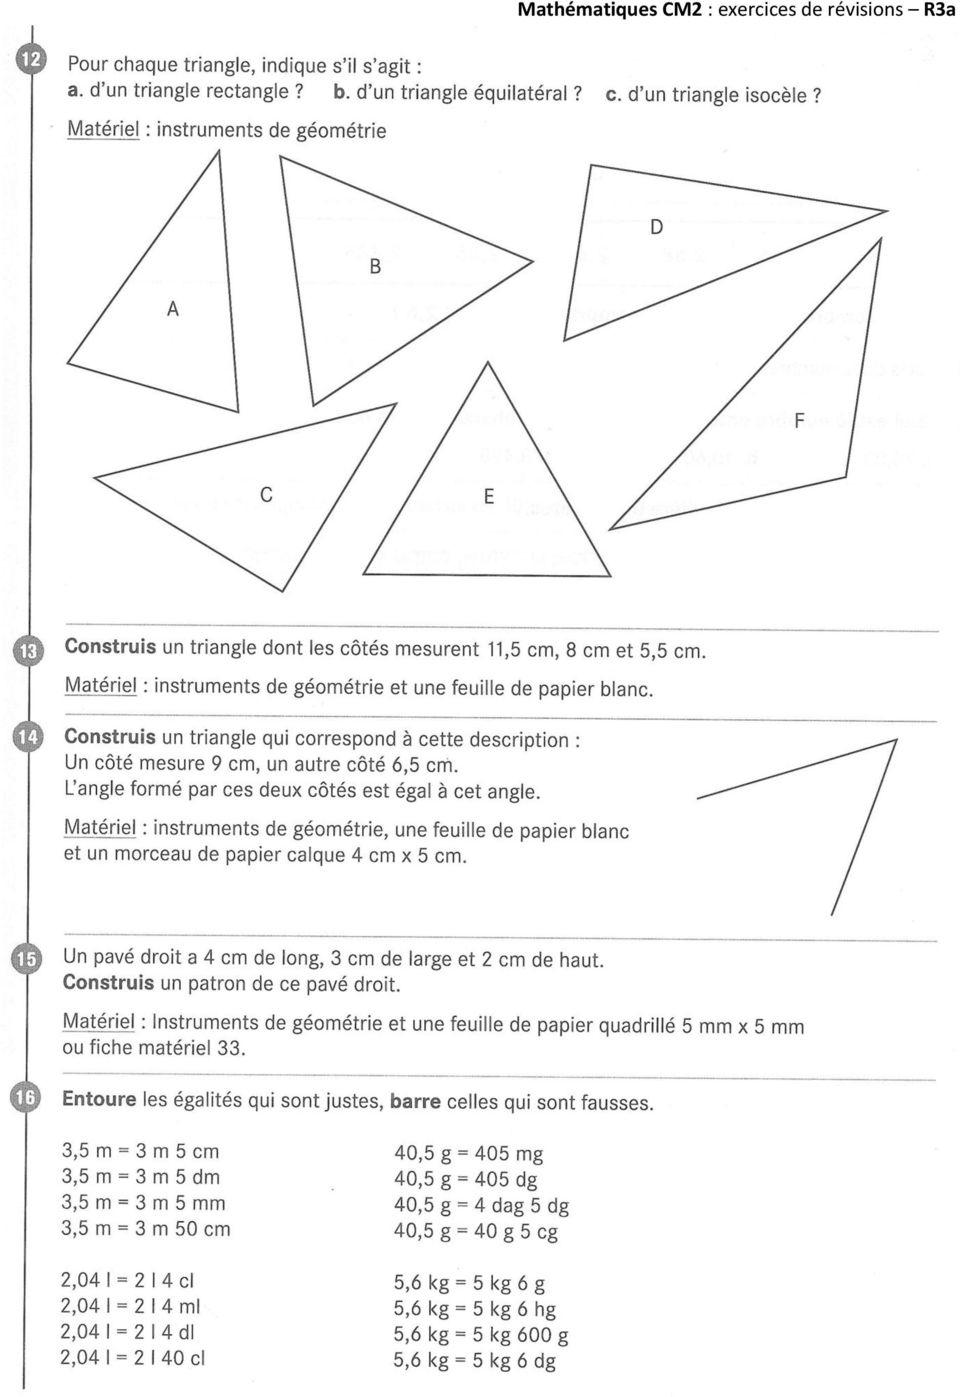 Exercices De Revisions Mathematiques Cm2 - Pdf à Exercice Gratuit Cm2